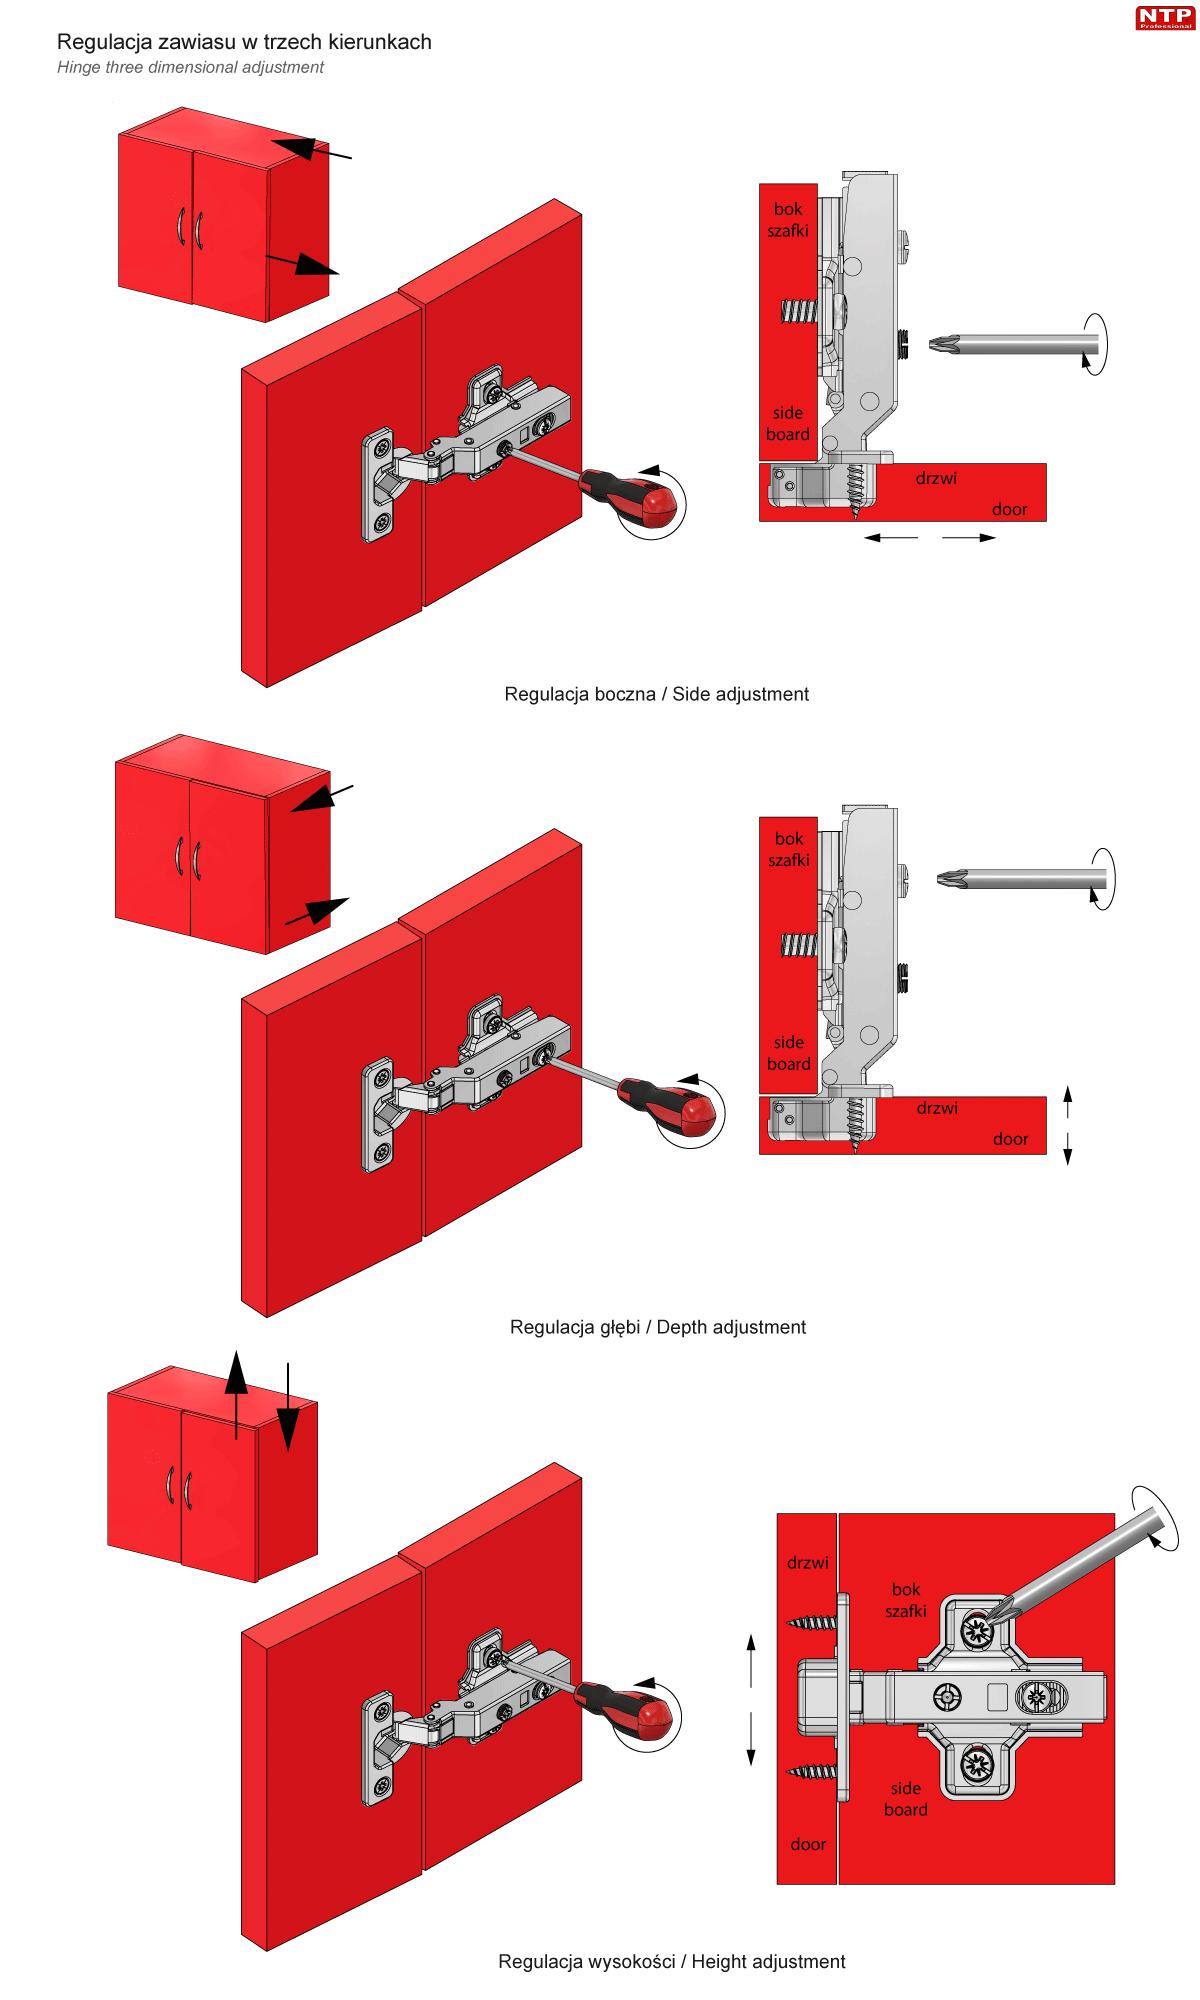 Regulacja zawiasu mini fi26mm